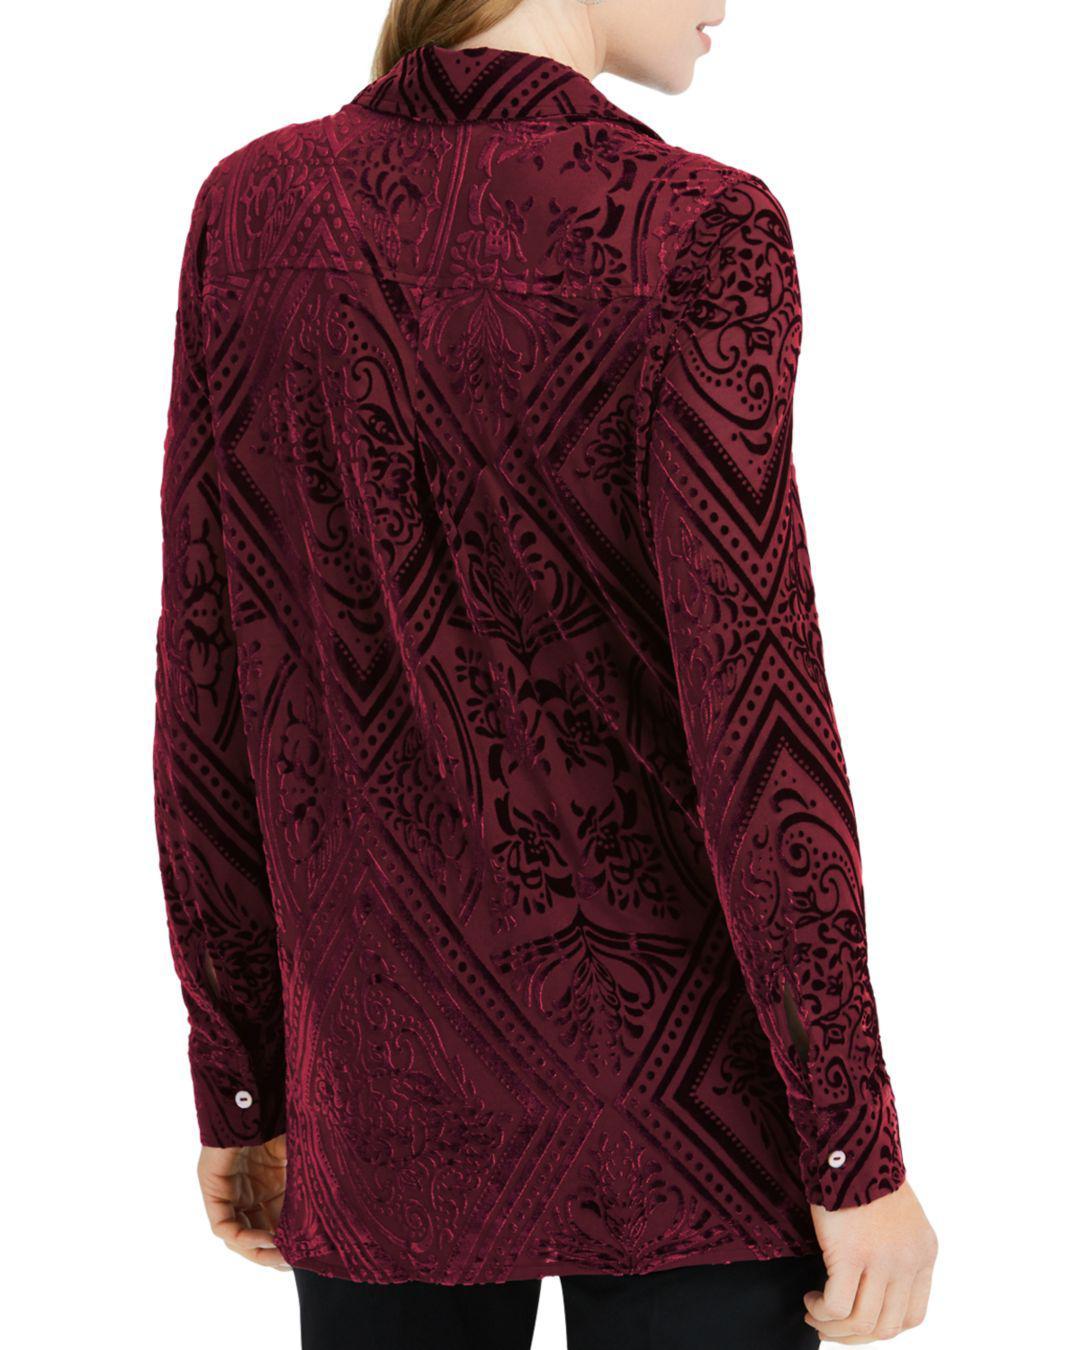 afab660ae89 Lyst - Foxcroft Jade Flocked Velvet Shirt in Red